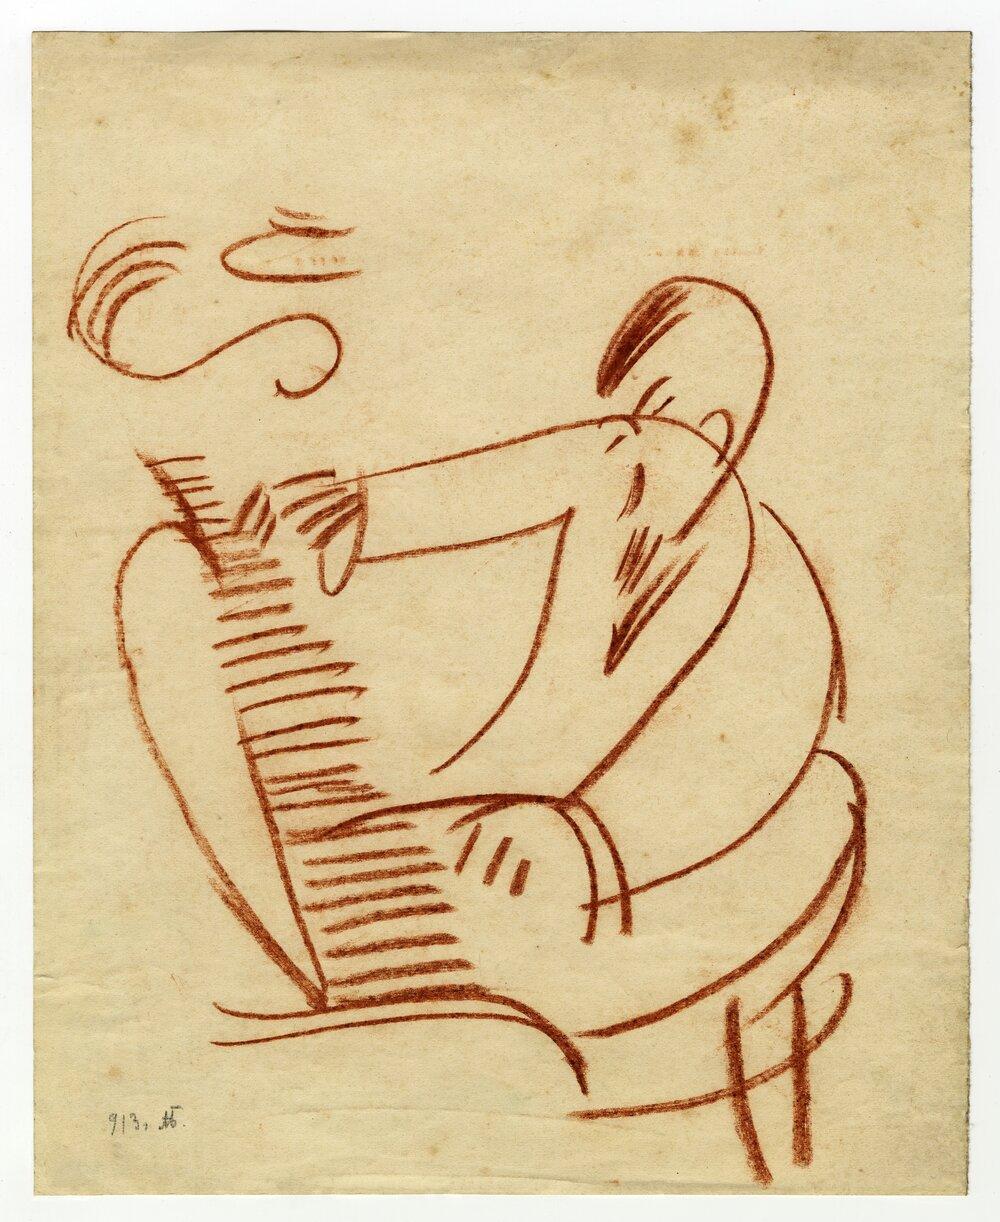 Олександр Богомазов. Художник грає на піаніно. 1913. Із колекції Едуарда Димшица